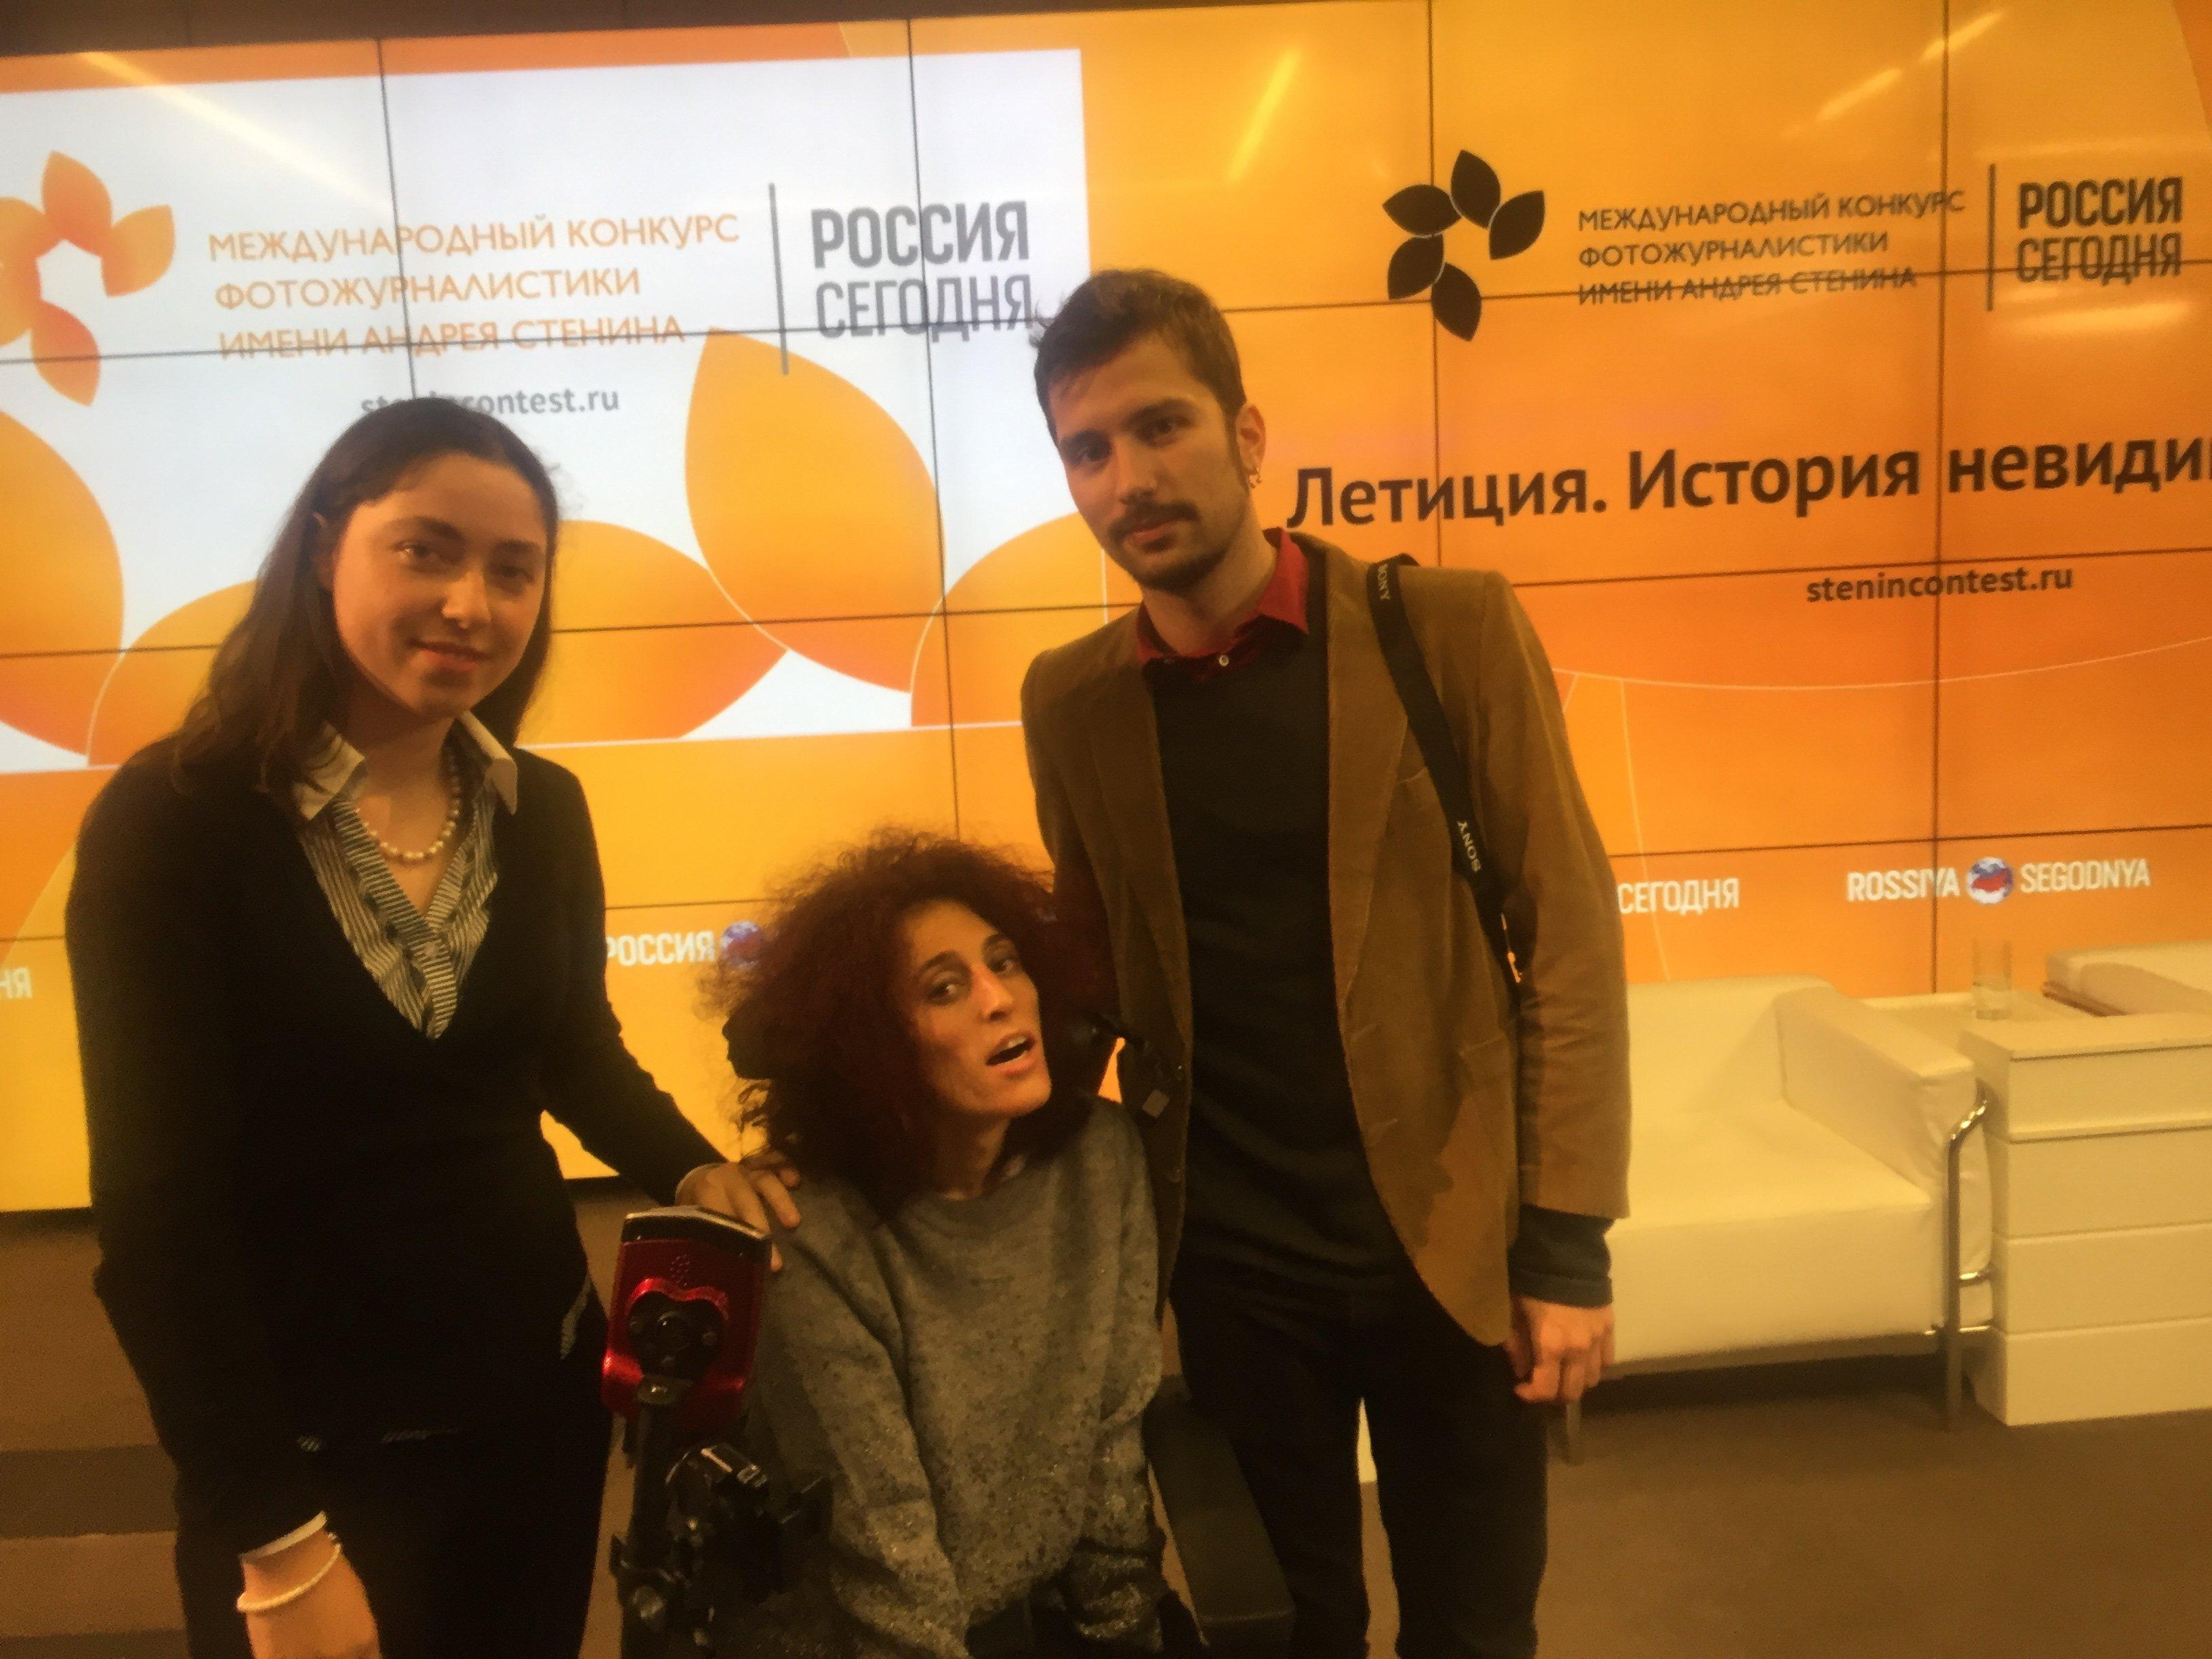 Intervista a Letizia Renis e Danilo Garcia Di Meo